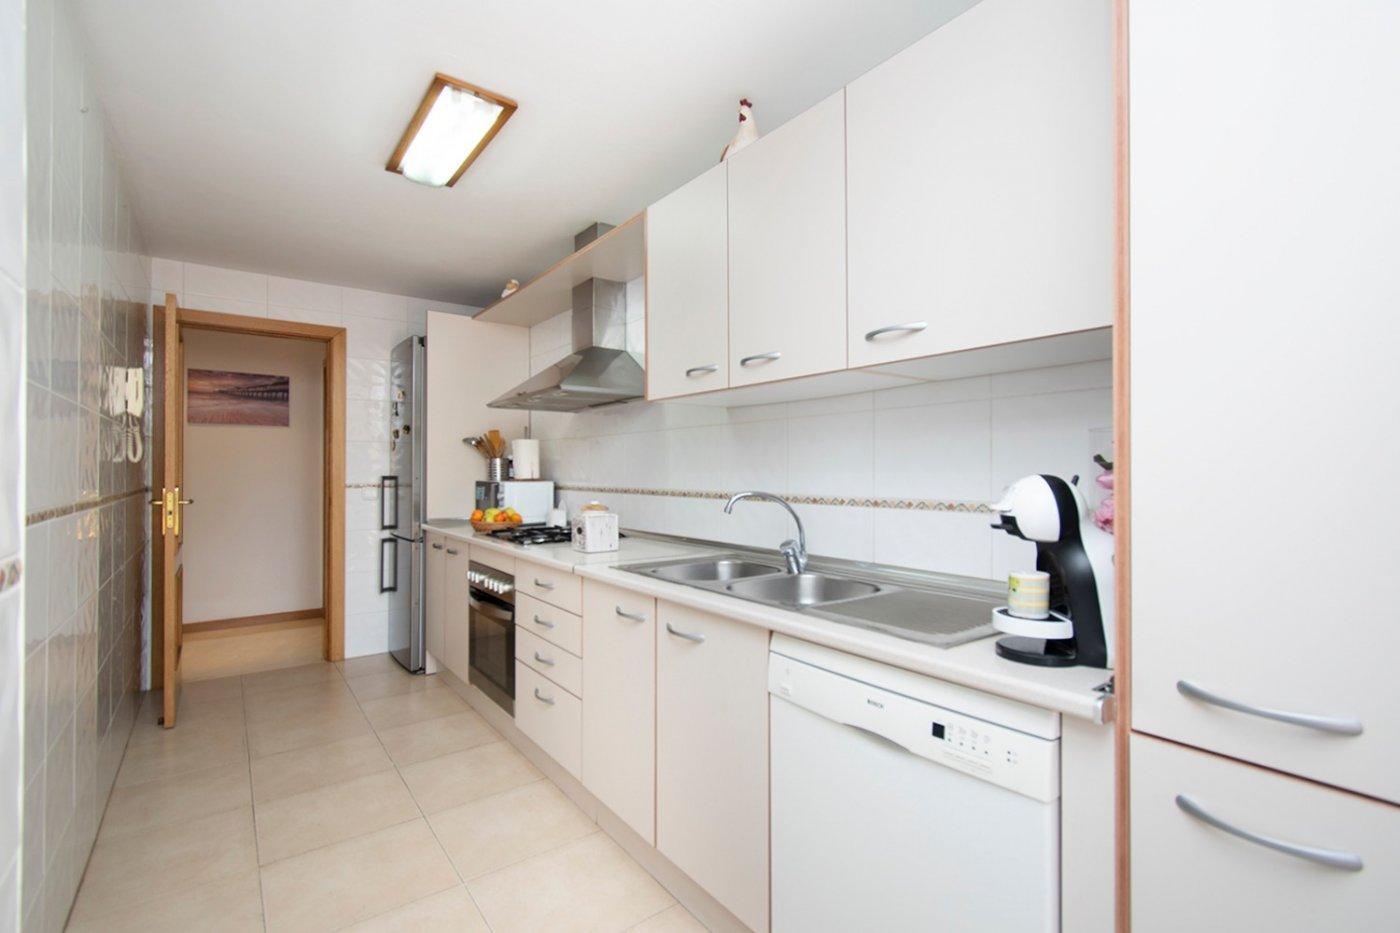 Planta baja de 2 habitaciones, terraza, parking, trastero y zonas comunitarias en son moix - imagenInmueble3